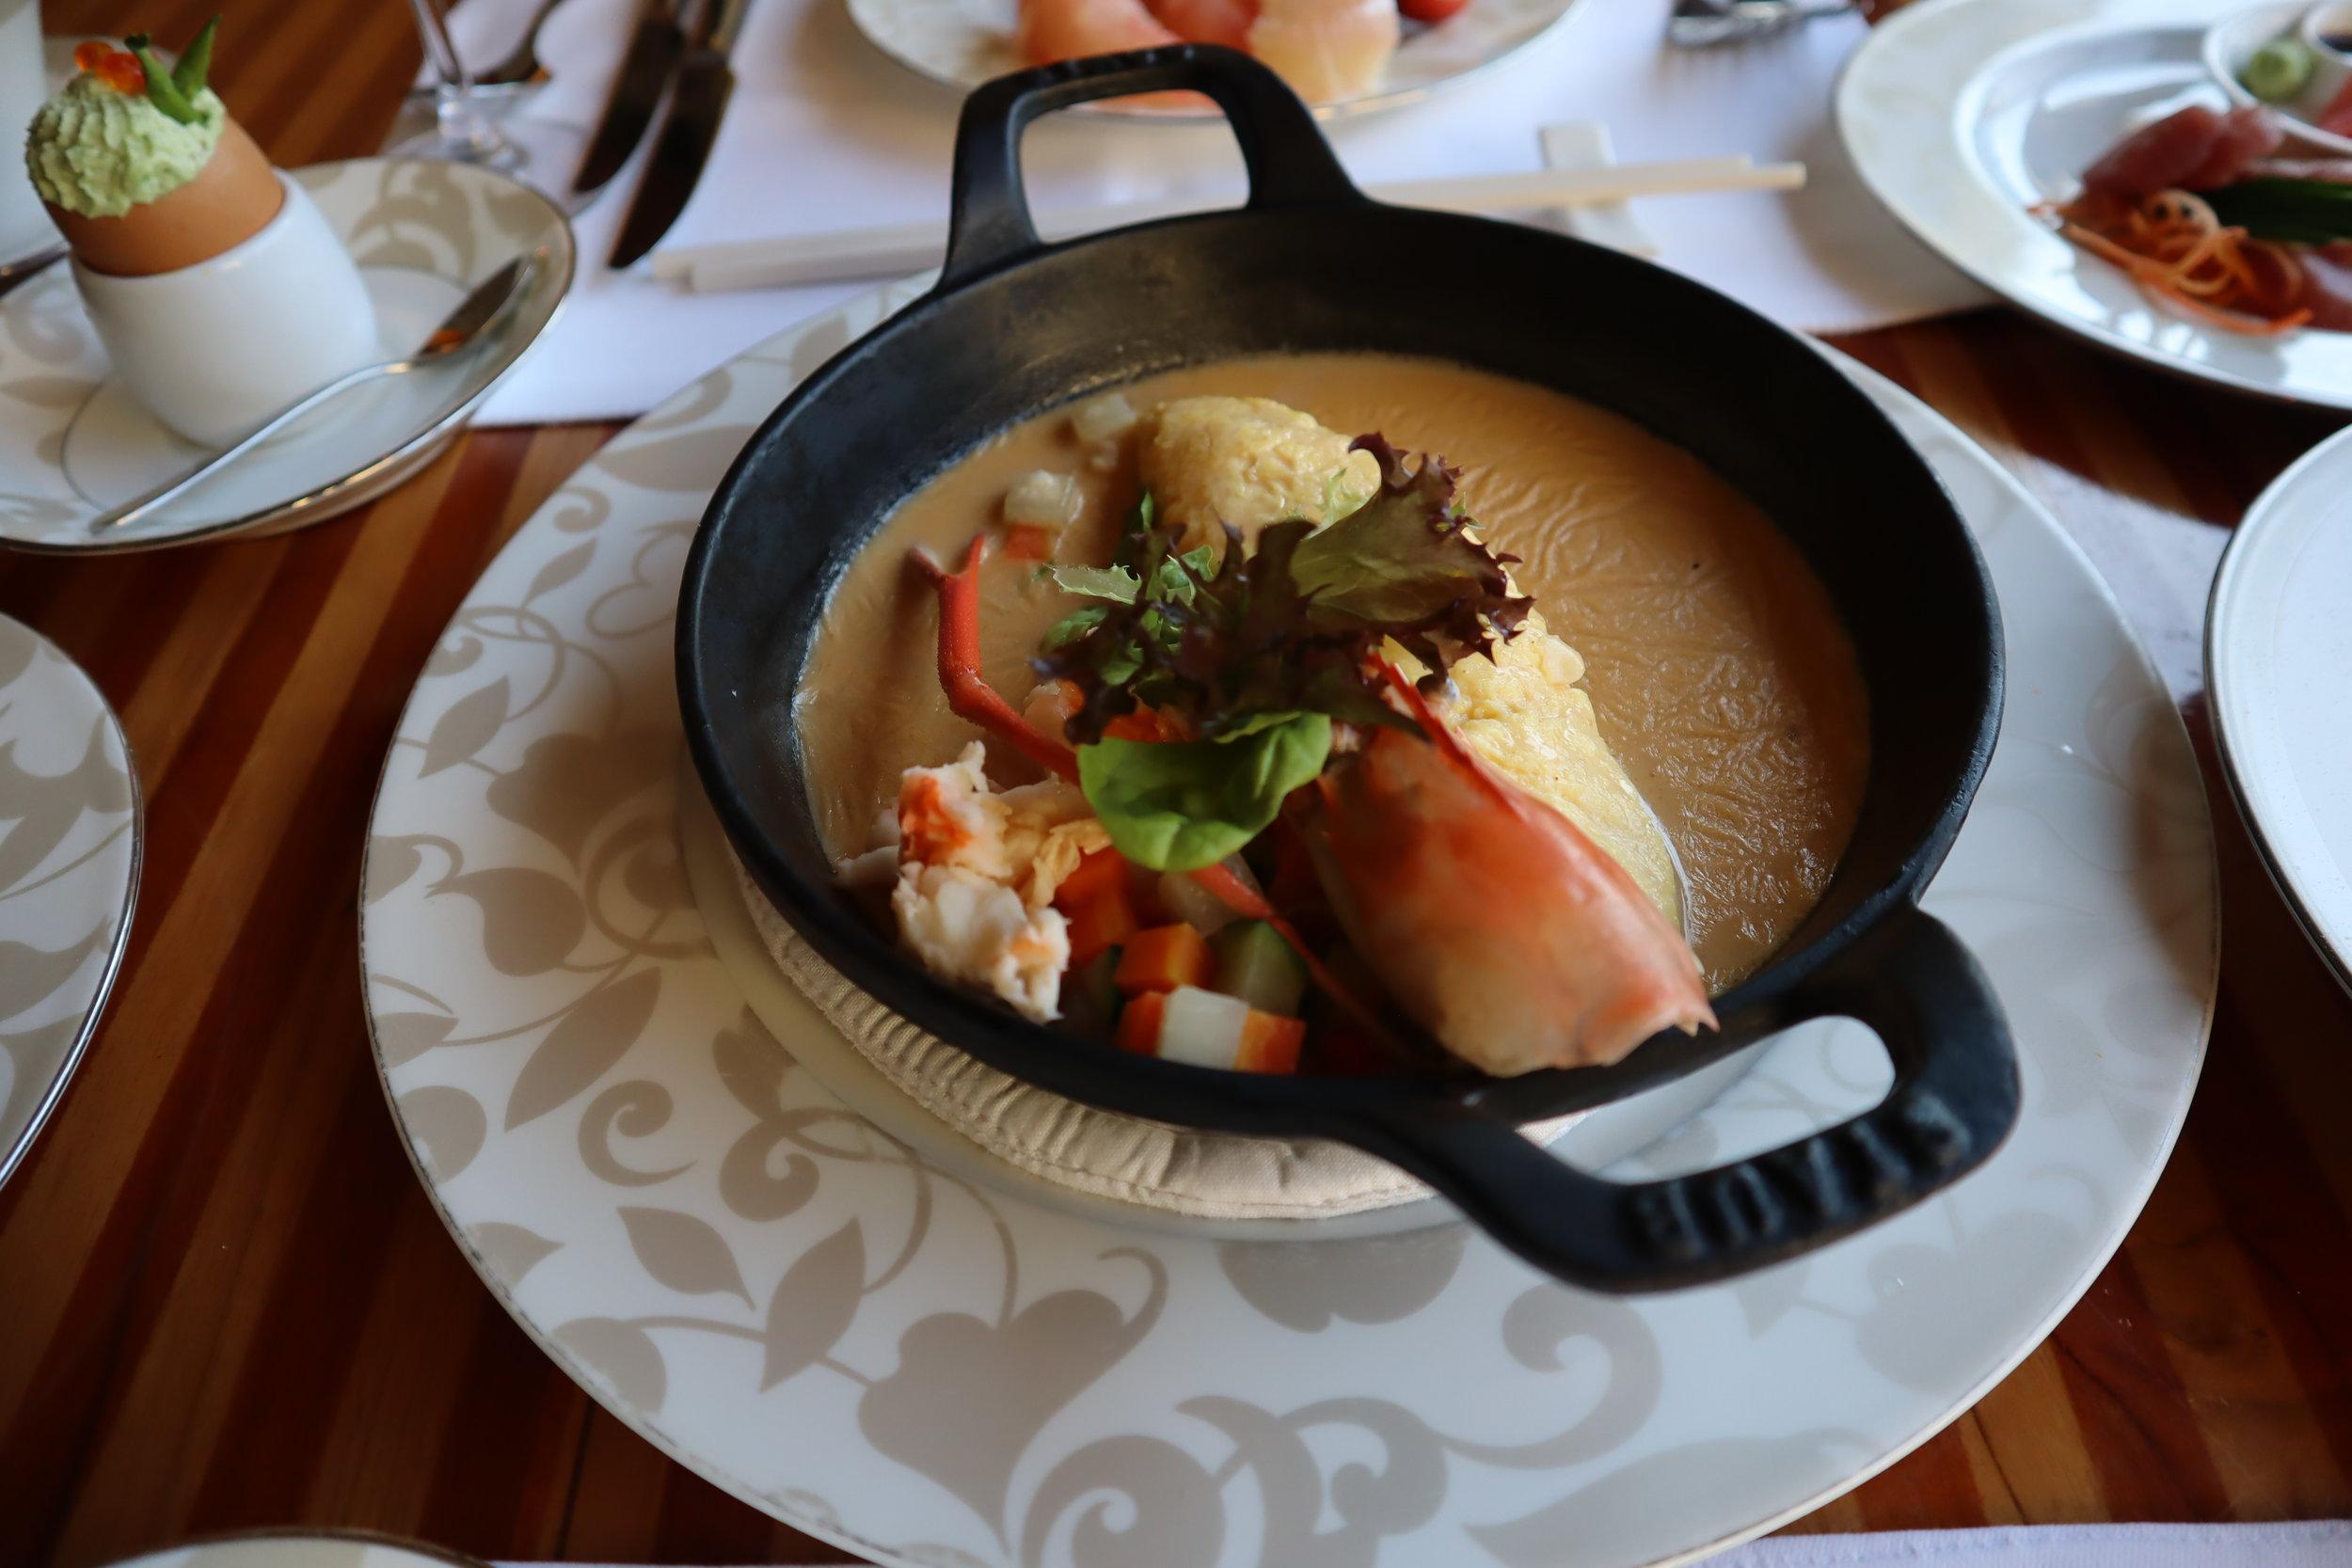 St. Regis Bali – Lobster omelette